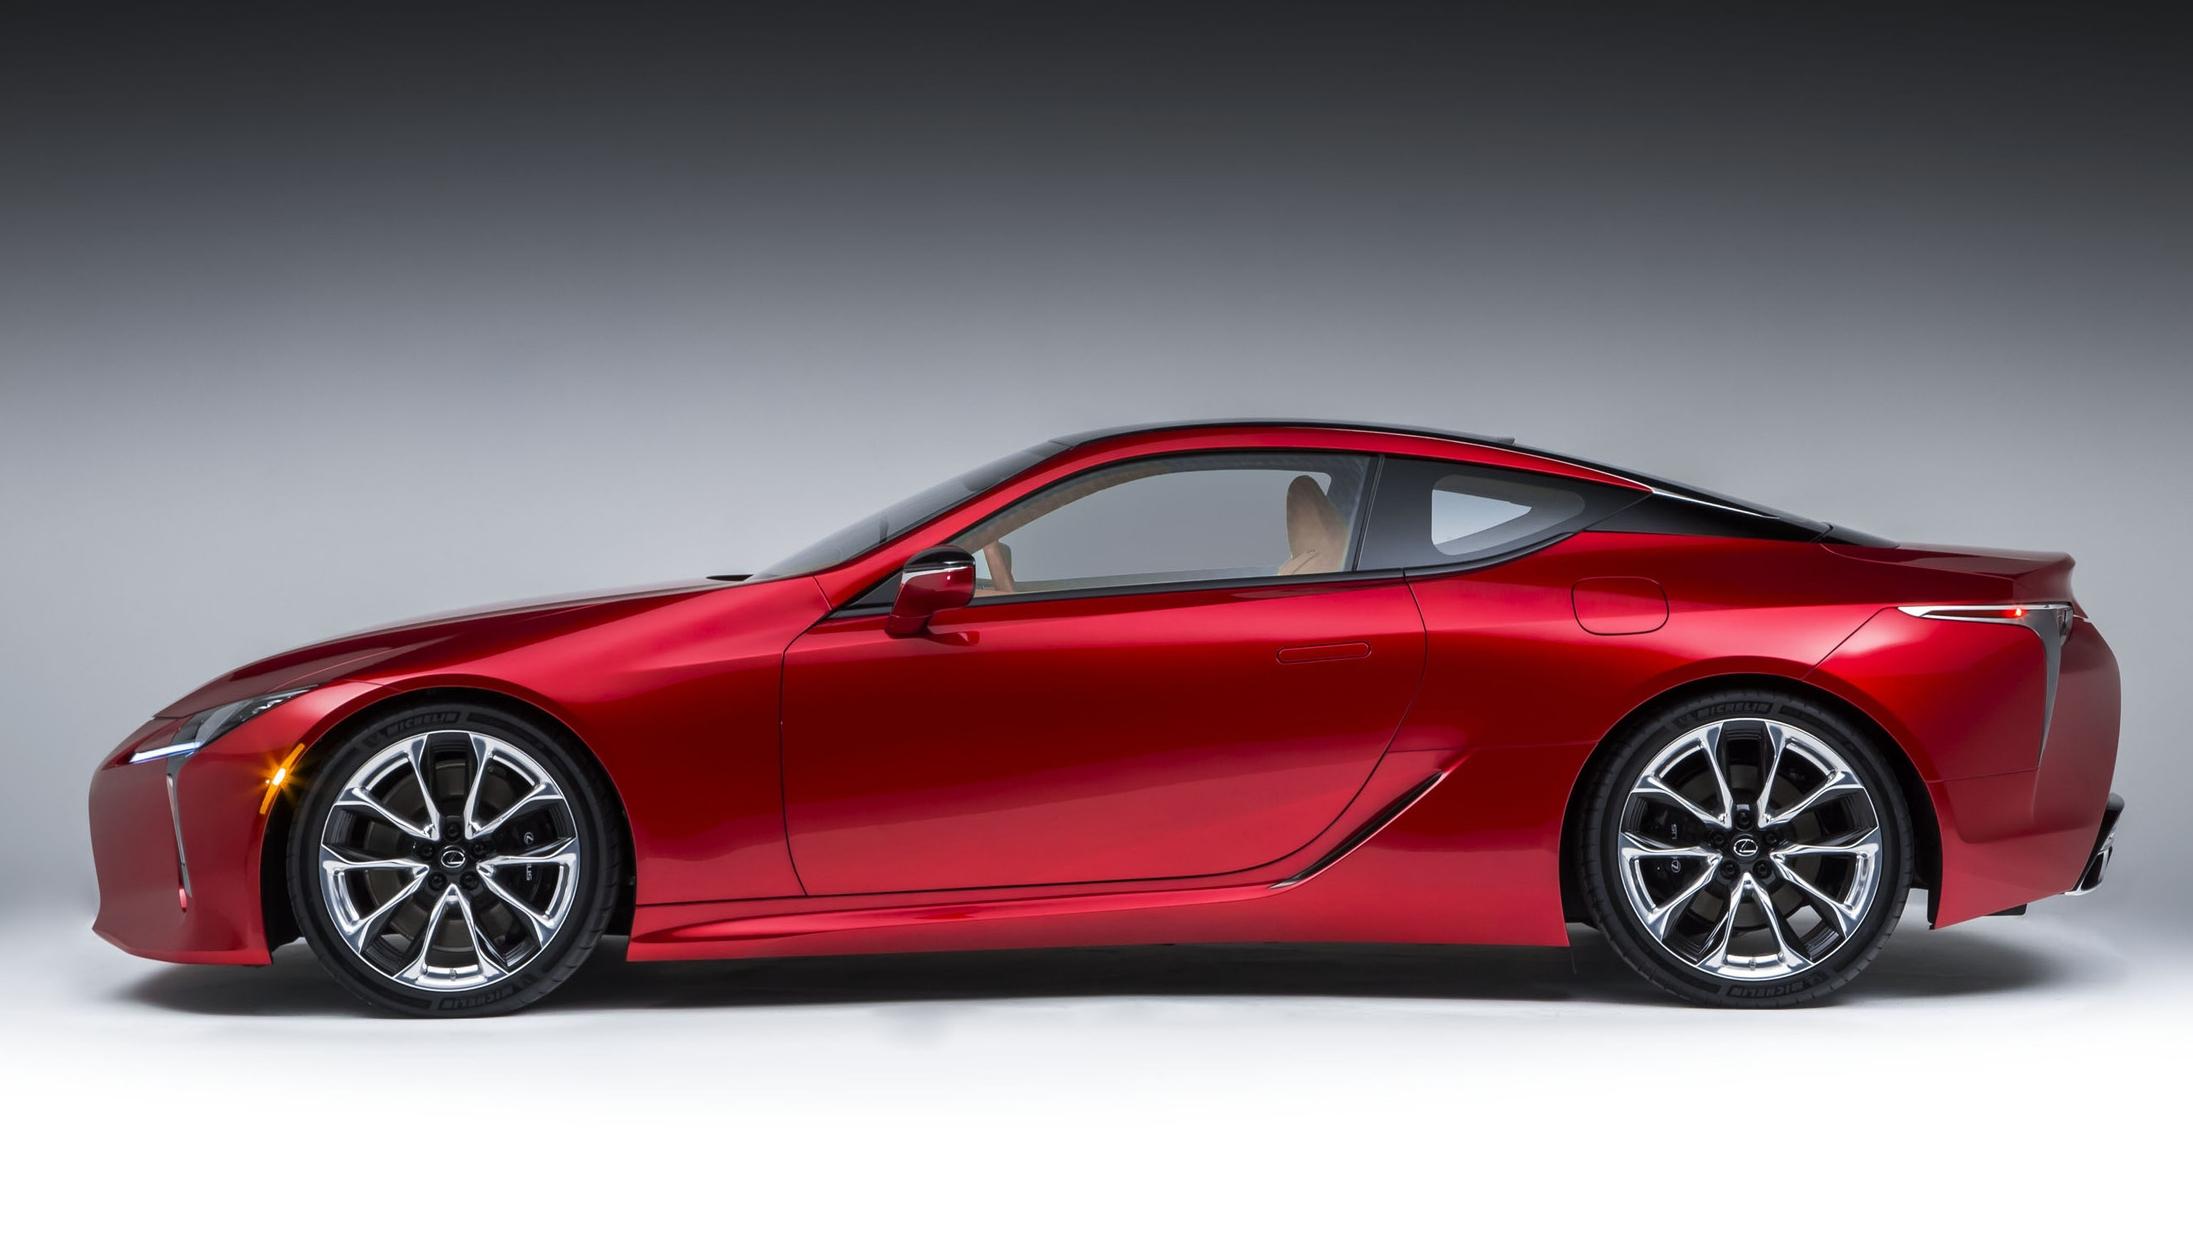 Lexus_LC_500_022_86E281C610800573F6A838A07CD088431020802D.jpg